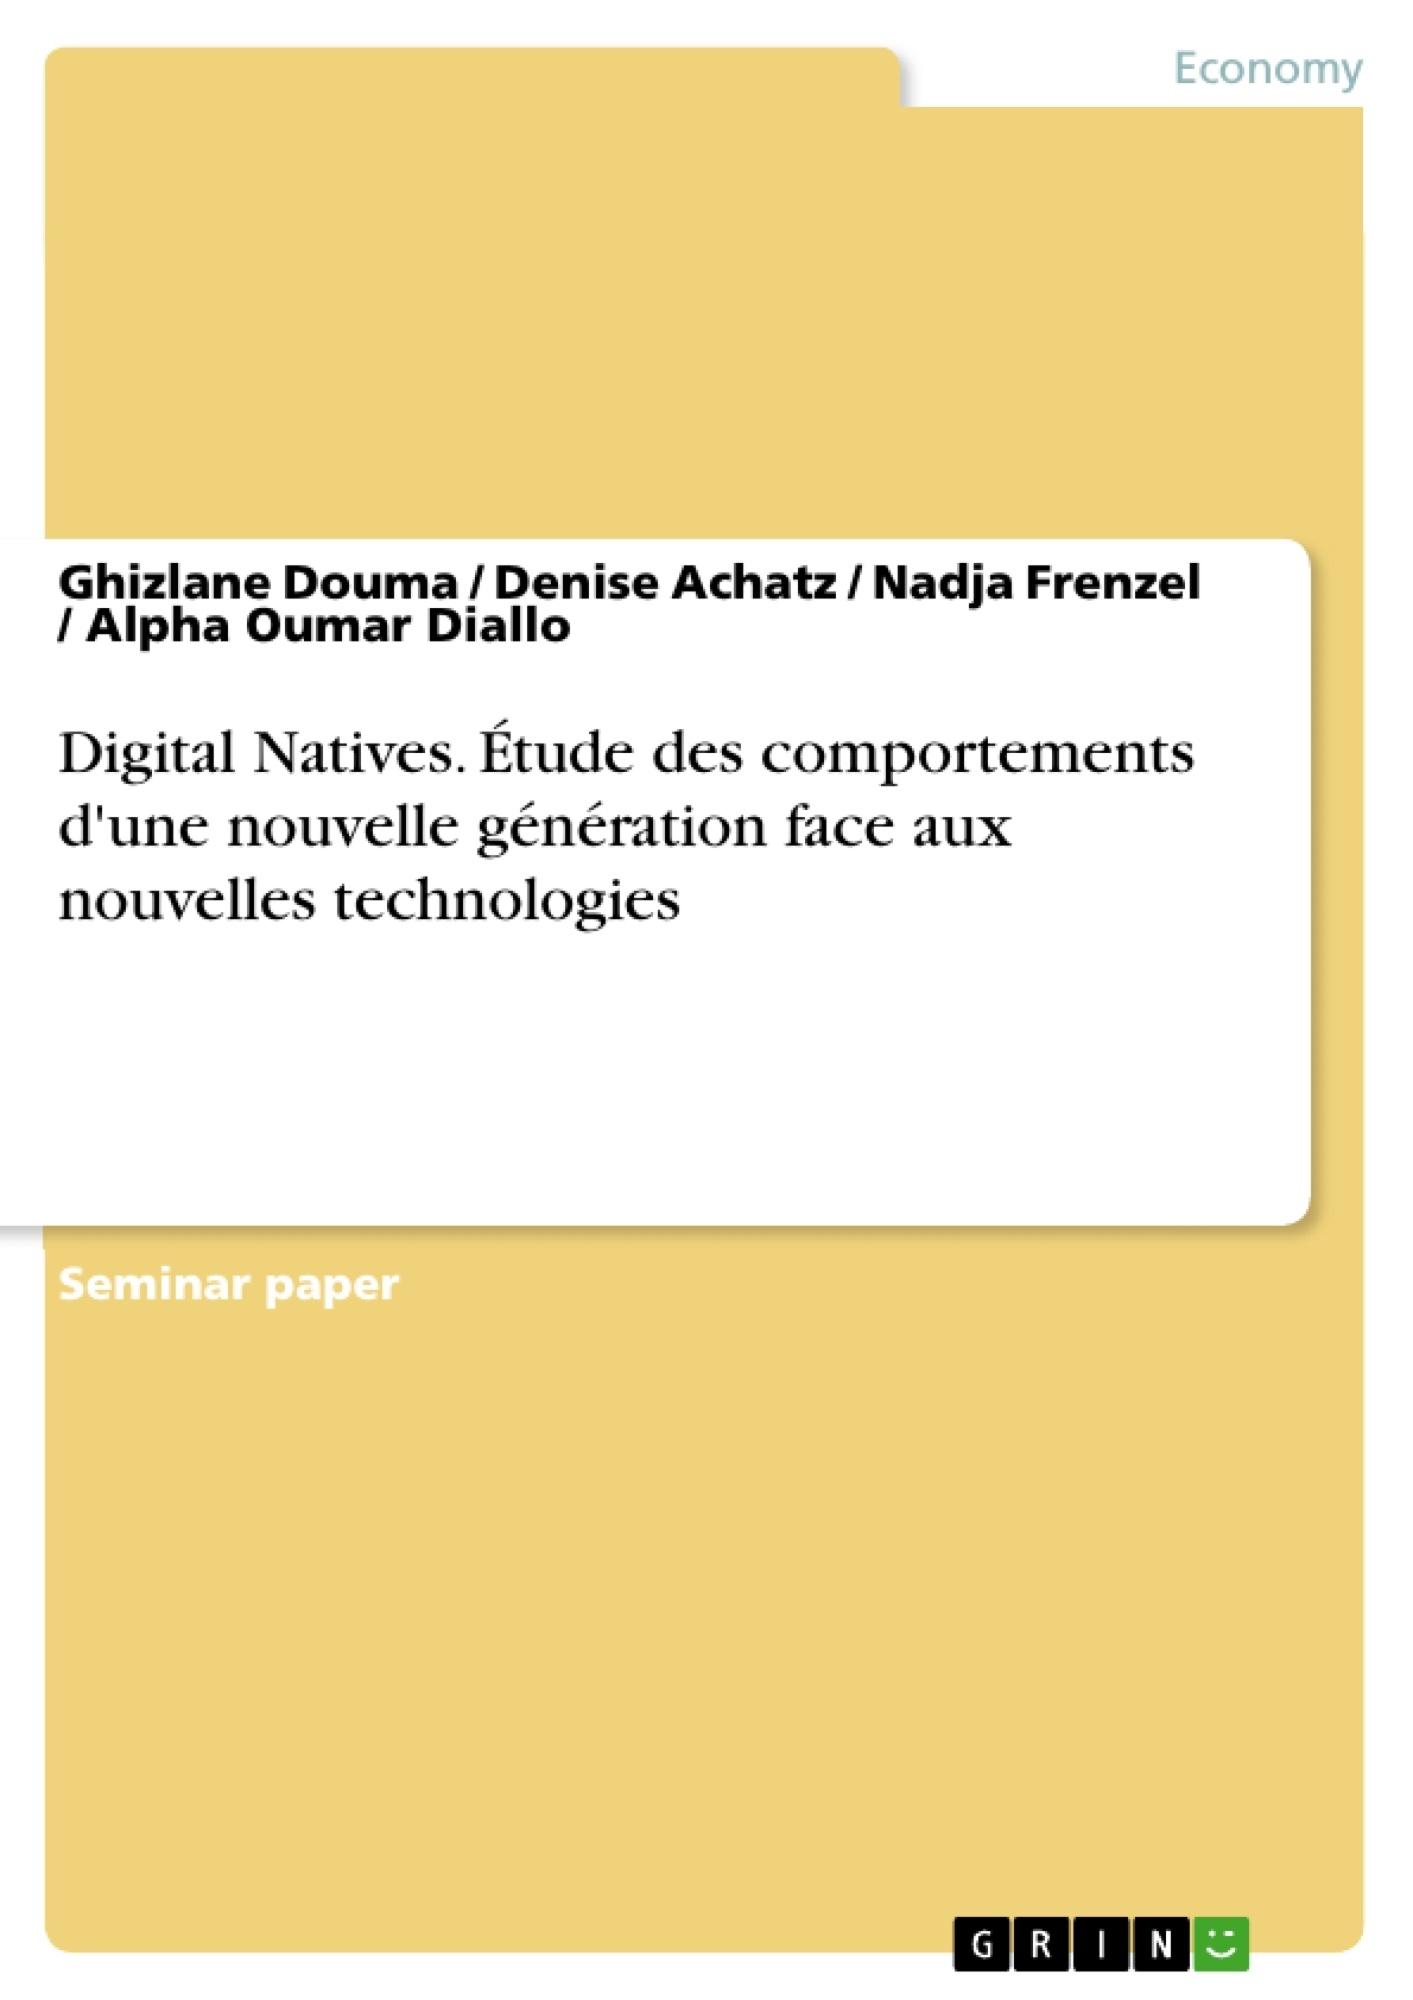 Titre: Digital Natives. Étude des comportements d'une nouvelle génération face aux nouvelles technologies